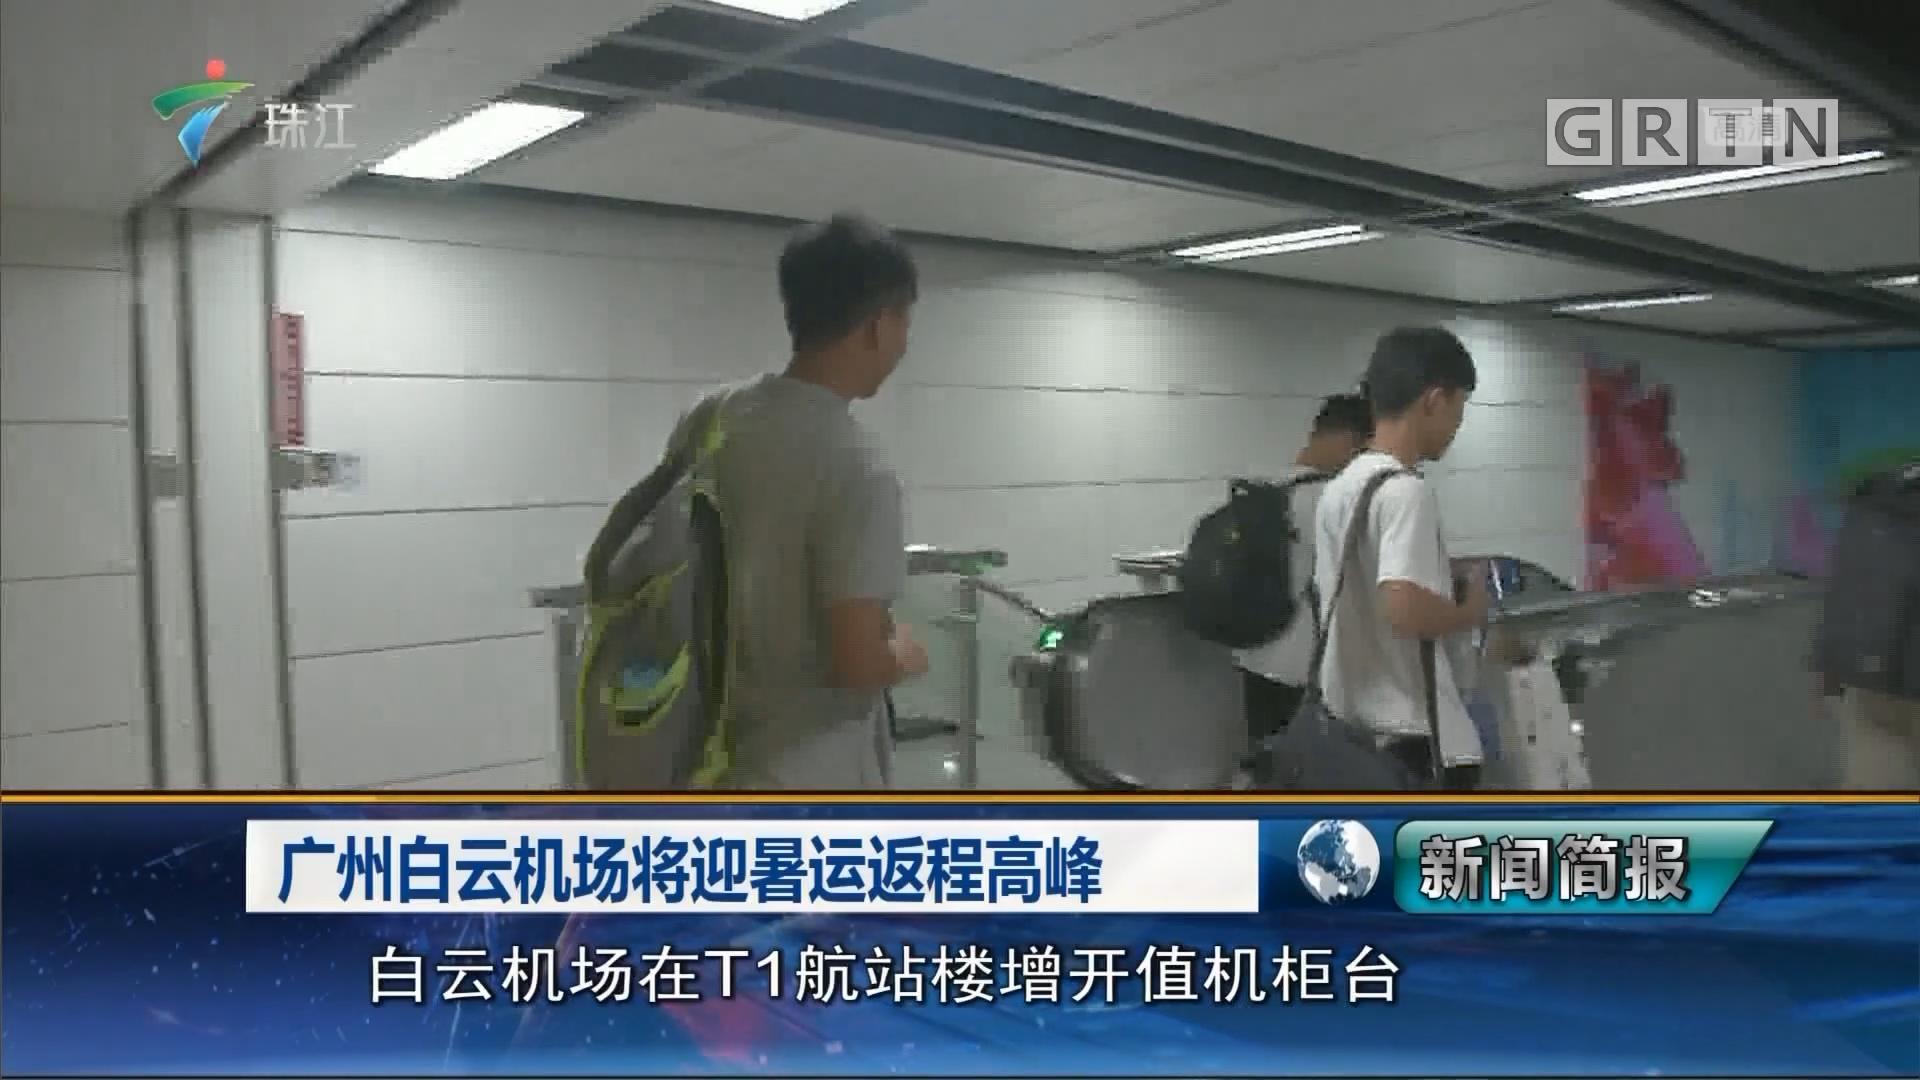 广州白云机场将迎暑运返程高峰